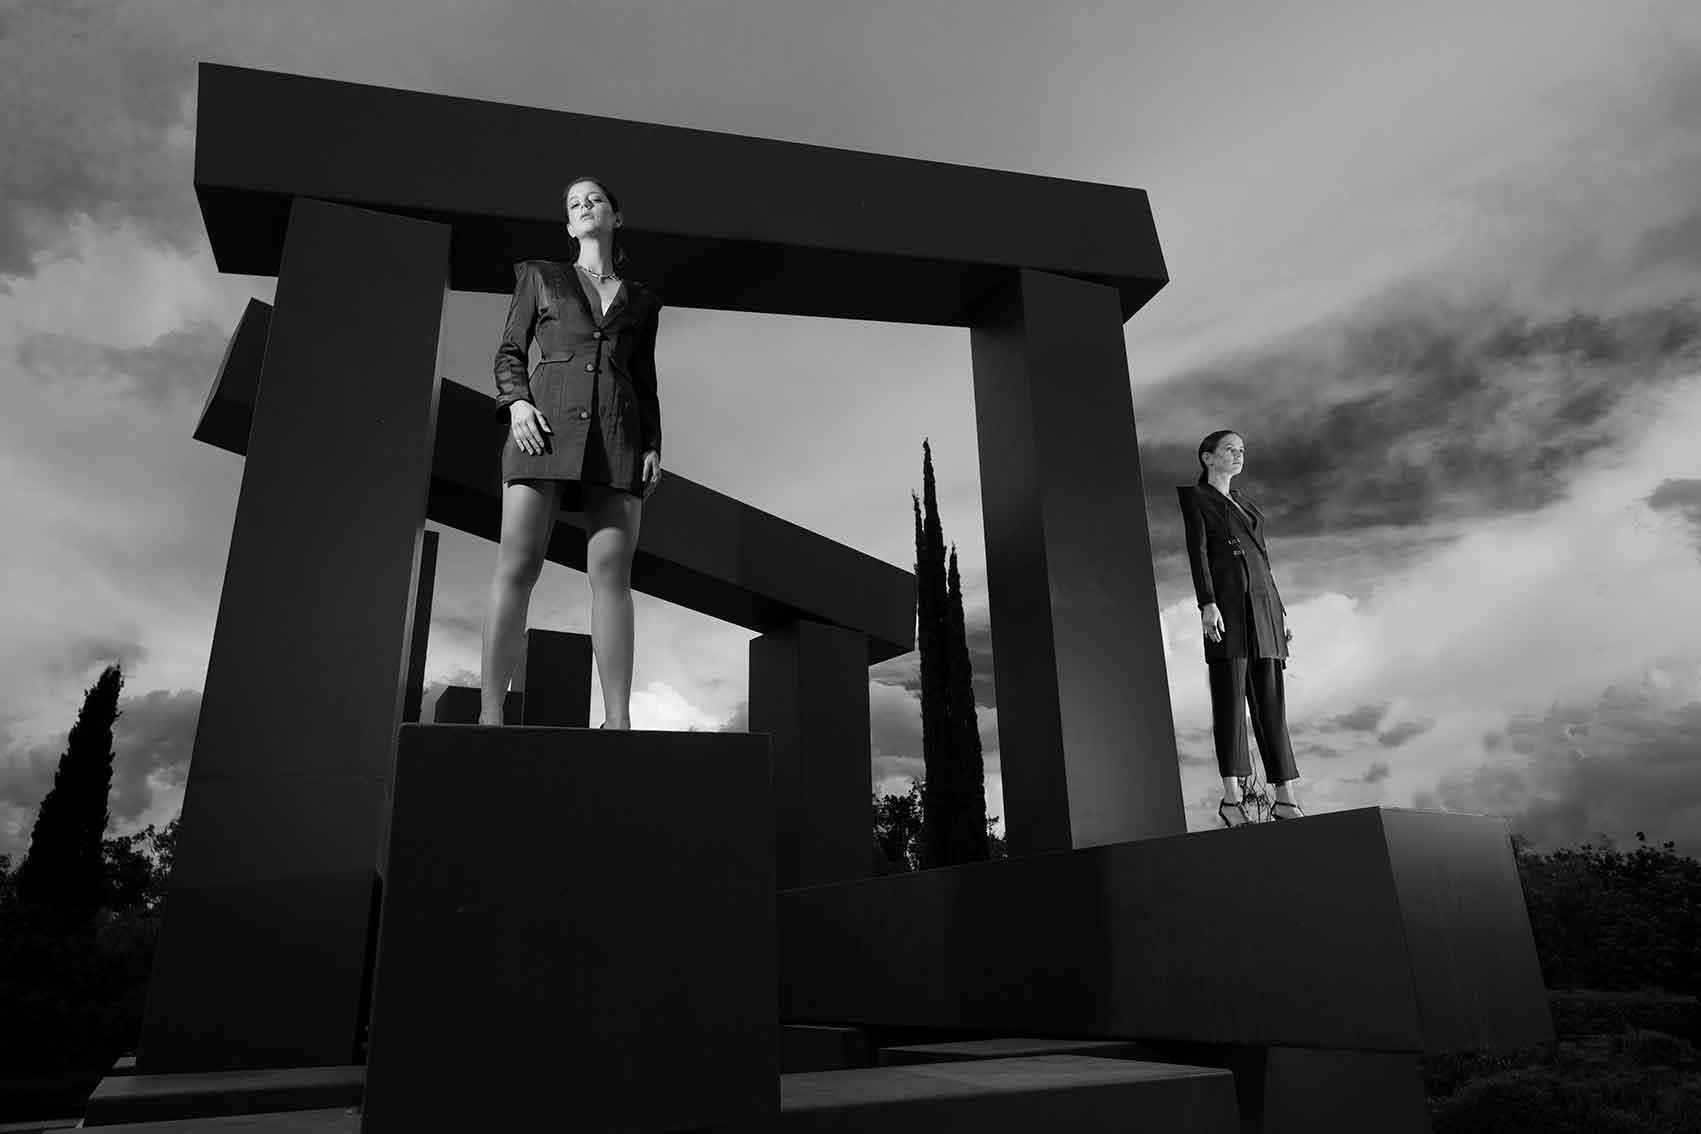 מאשה-גילדר-מגזין-אופנה-שגב-אורלב-מגזין-אופנה-2021